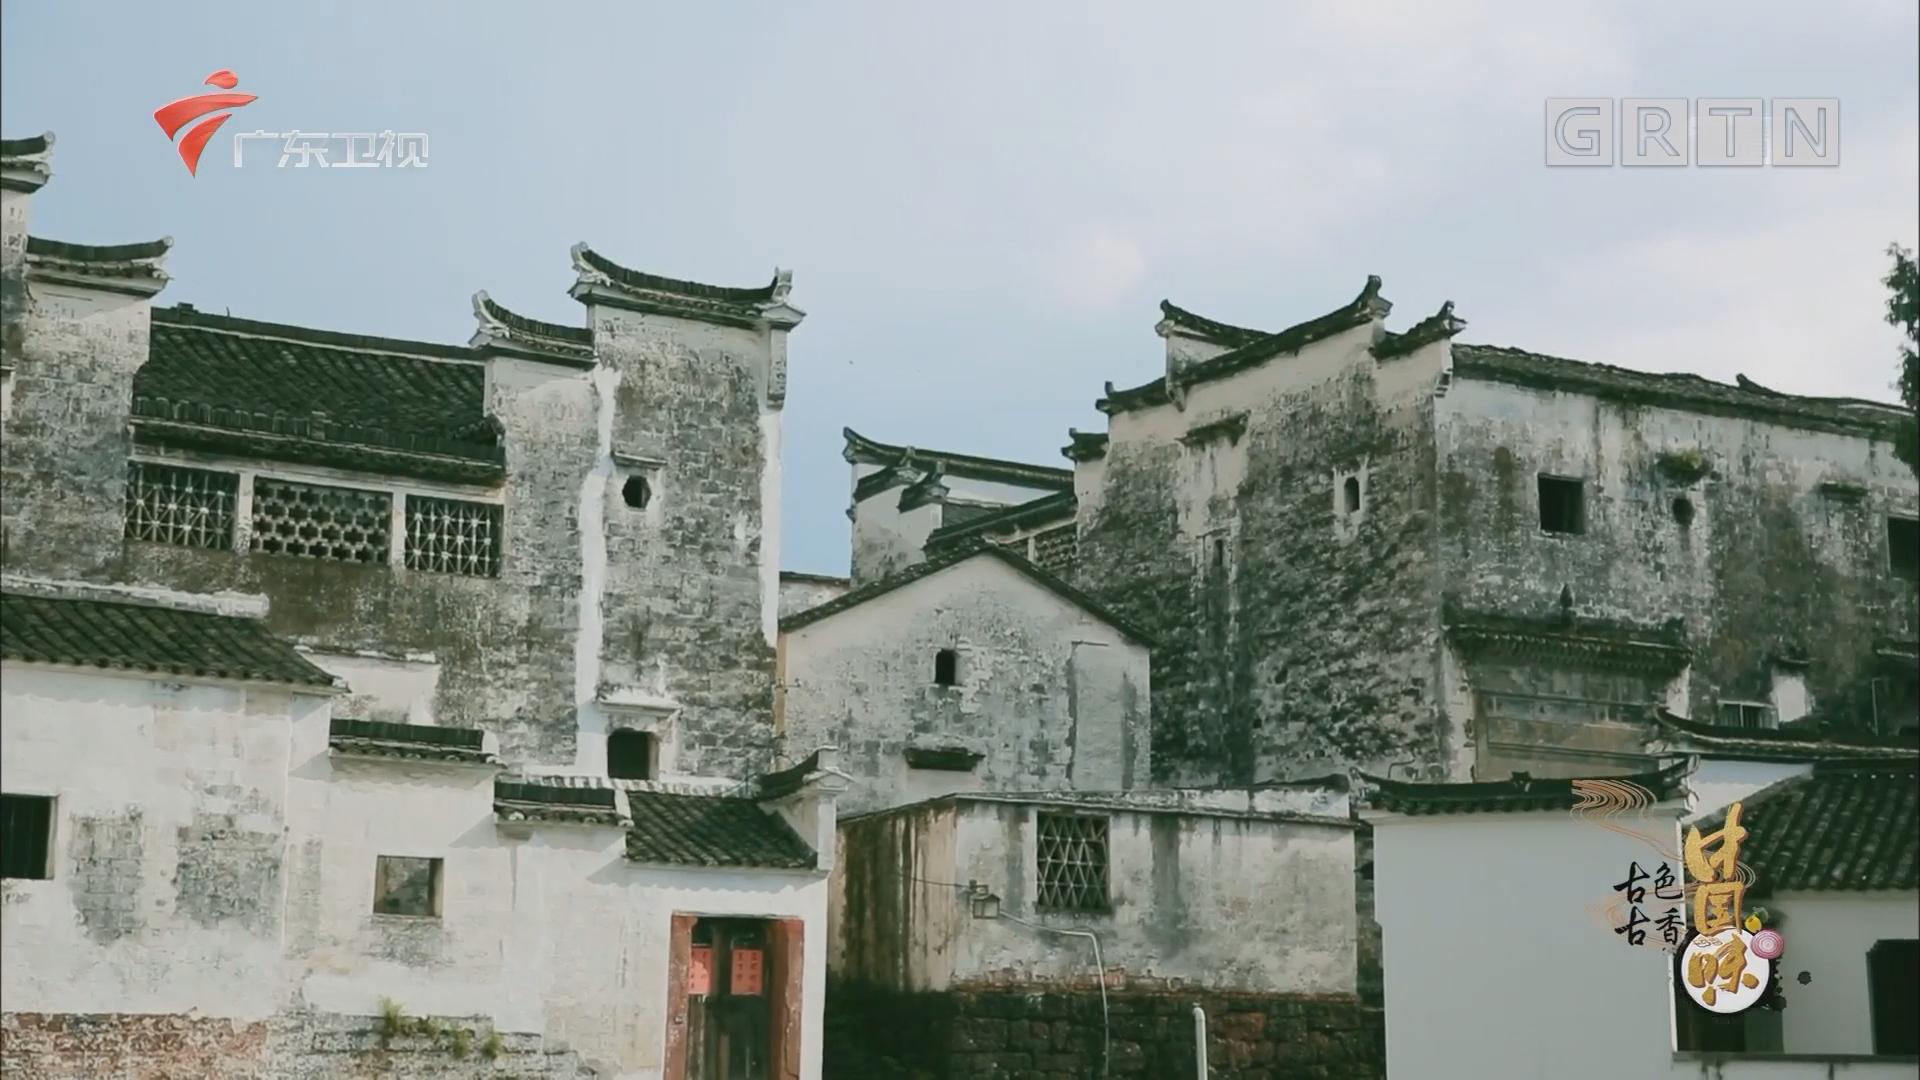 [2018-10-06]古色古香中国味:八卦村里有乾坤